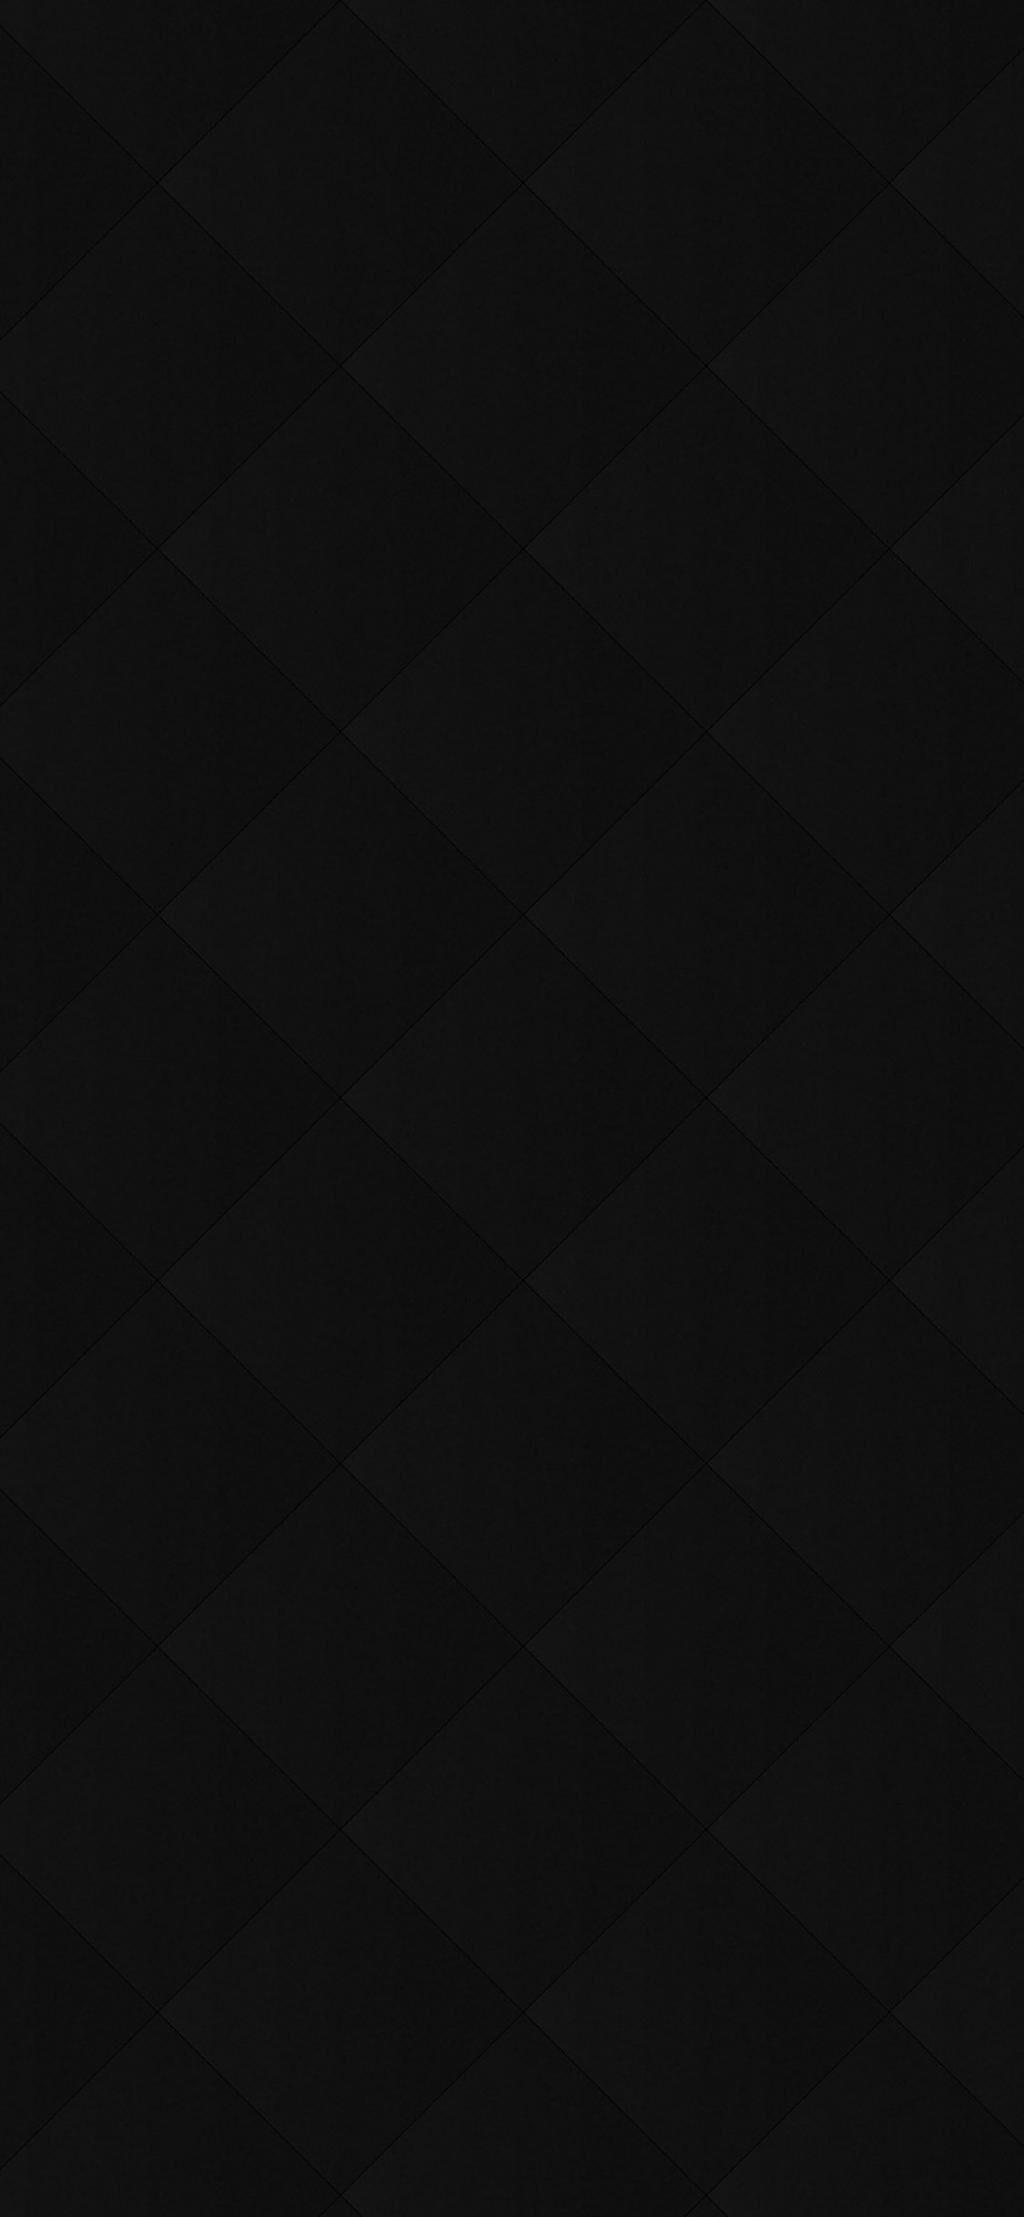 グラデーションボックスのダークモード ロック画面の画像 Hdの携帯電話の壁紙 壁紙の代替aquos 壁紙